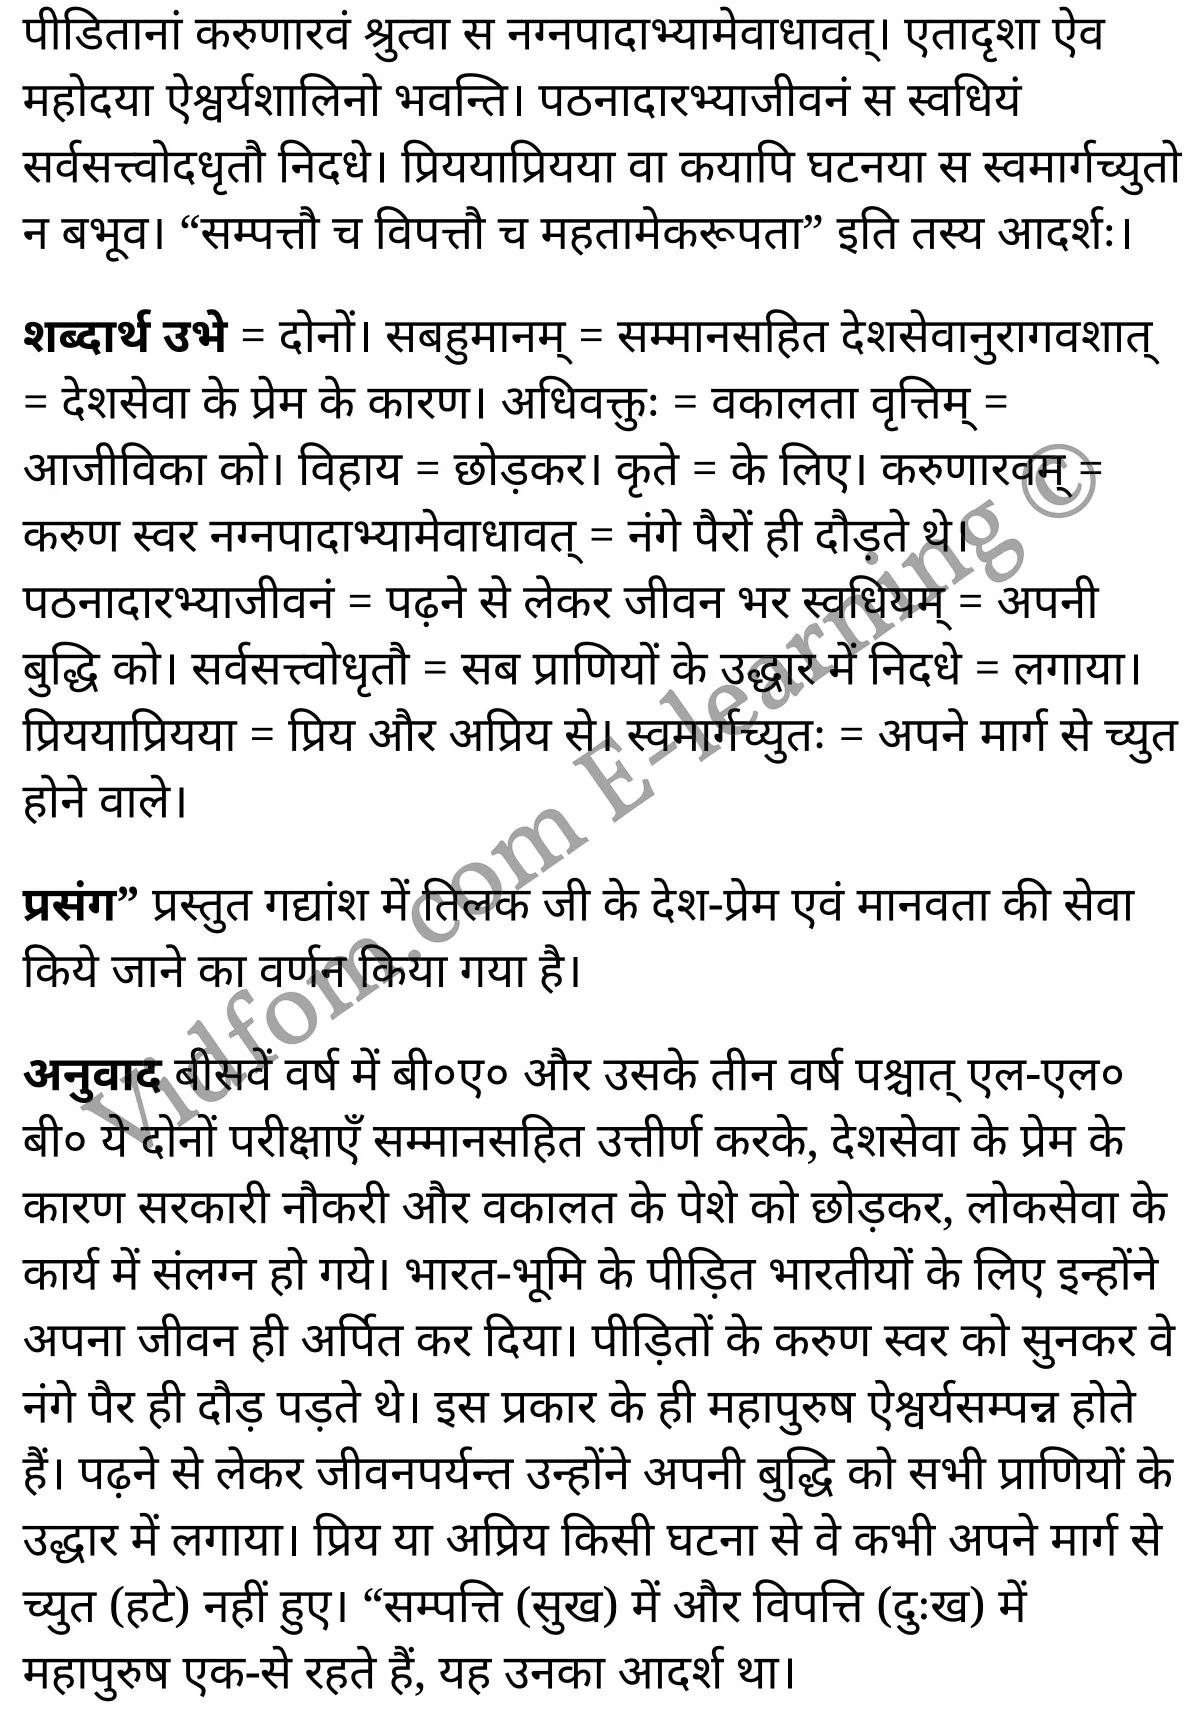 कक्षा 10 संस्कृत  के नोट्स  हिंदी में एनसीईआरटी समाधान,     class 10 sanskrit gadya bharathi Chapter 12,   class 10 sanskrit gadya bharathi Chapter 12 ncert solutions in Hindi,   class 10 sanskrit gadya bharathi Chapter 12 notes in hindi,   class 10 sanskrit gadya bharathi Chapter 12 question answer,   class 10 sanskrit gadya bharathi Chapter 12 notes,   class 10 sanskrit gadya bharathi Chapter 12 class 10 sanskrit gadya bharathi Chapter 12 in  hindi,    class 10 sanskrit gadya bharathi Chapter 12 important questions in  hindi,   class 10 sanskrit gadya bharathi Chapter 12 notes in hindi,    class 10 sanskrit gadya bharathi Chapter 12 test,   class 10 sanskrit gadya bharathi Chapter 12 pdf,   class 10 sanskrit gadya bharathi Chapter 12 notes pdf,   class 10 sanskrit gadya bharathi Chapter 12 exercise solutions,   class 10 sanskrit gadya bharathi Chapter 12 notes study rankers,   class 10 sanskrit gadya bharathi Chapter 12 notes,    class 10 sanskrit gadya bharathi Chapter 12  class 10  notes pdf,   class 10 sanskrit gadya bharathi Chapter 12 class 10  notes  ncert,   class 10 sanskrit gadya bharathi Chapter 12 class 10 pdf,   class 10 sanskrit gadya bharathi Chapter 12  book,   class 10 sanskrit gadya bharathi Chapter 12 quiz class 10  ,   कक्षा 10 लोकमान्य तिलकः,  कक्षा 10 लोकमान्य तिलकः  के नोट्स हिंदी में,  कक्षा 10 लोकमान्य तिलकः प्रश्न उत्तर,  कक्षा 10 लोकमान्य तिलकः के नोट्स,  10 कक्षा लोकमान्य तिलकः  हिंदी में, कक्षा 10 लोकमान्य तिलकः  हिंदी में,  कक्षा 10 लोकमान्य तिलकः  महत्वपूर्ण प्रश्न हिंदी में, कक्षा 10 संस्कृत के नोट्स  हिंदी में, लोकमान्य तिलकः हिंदी में कक्षा 10 नोट्स pdf,    लोकमान्य तिलकः हिंदी में  कक्षा 10 नोट्स 2021 ncert,   लोकमान्य तिलकः हिंदी  कक्षा 10 pdf,   लोकमान्य तिलकः हिंदी में  पुस्तक,   लोकमान्य तिलकः हिंदी में की बुक,   लोकमान्य तिलकः हिंदी में  प्रश्नोत्तरी class 10 ,  10   वीं लोकमान्य तिलकः  पुस्तक up board,   बिहार बोर्ड 10  पुस्तक वीं लोकमान्य तिलकः नोट्स,    लोकमान्य तिलकः  कक्षा 10 नोट्स 2021 ncert,   लोकमान्य तिलकः  कक्षा 10 